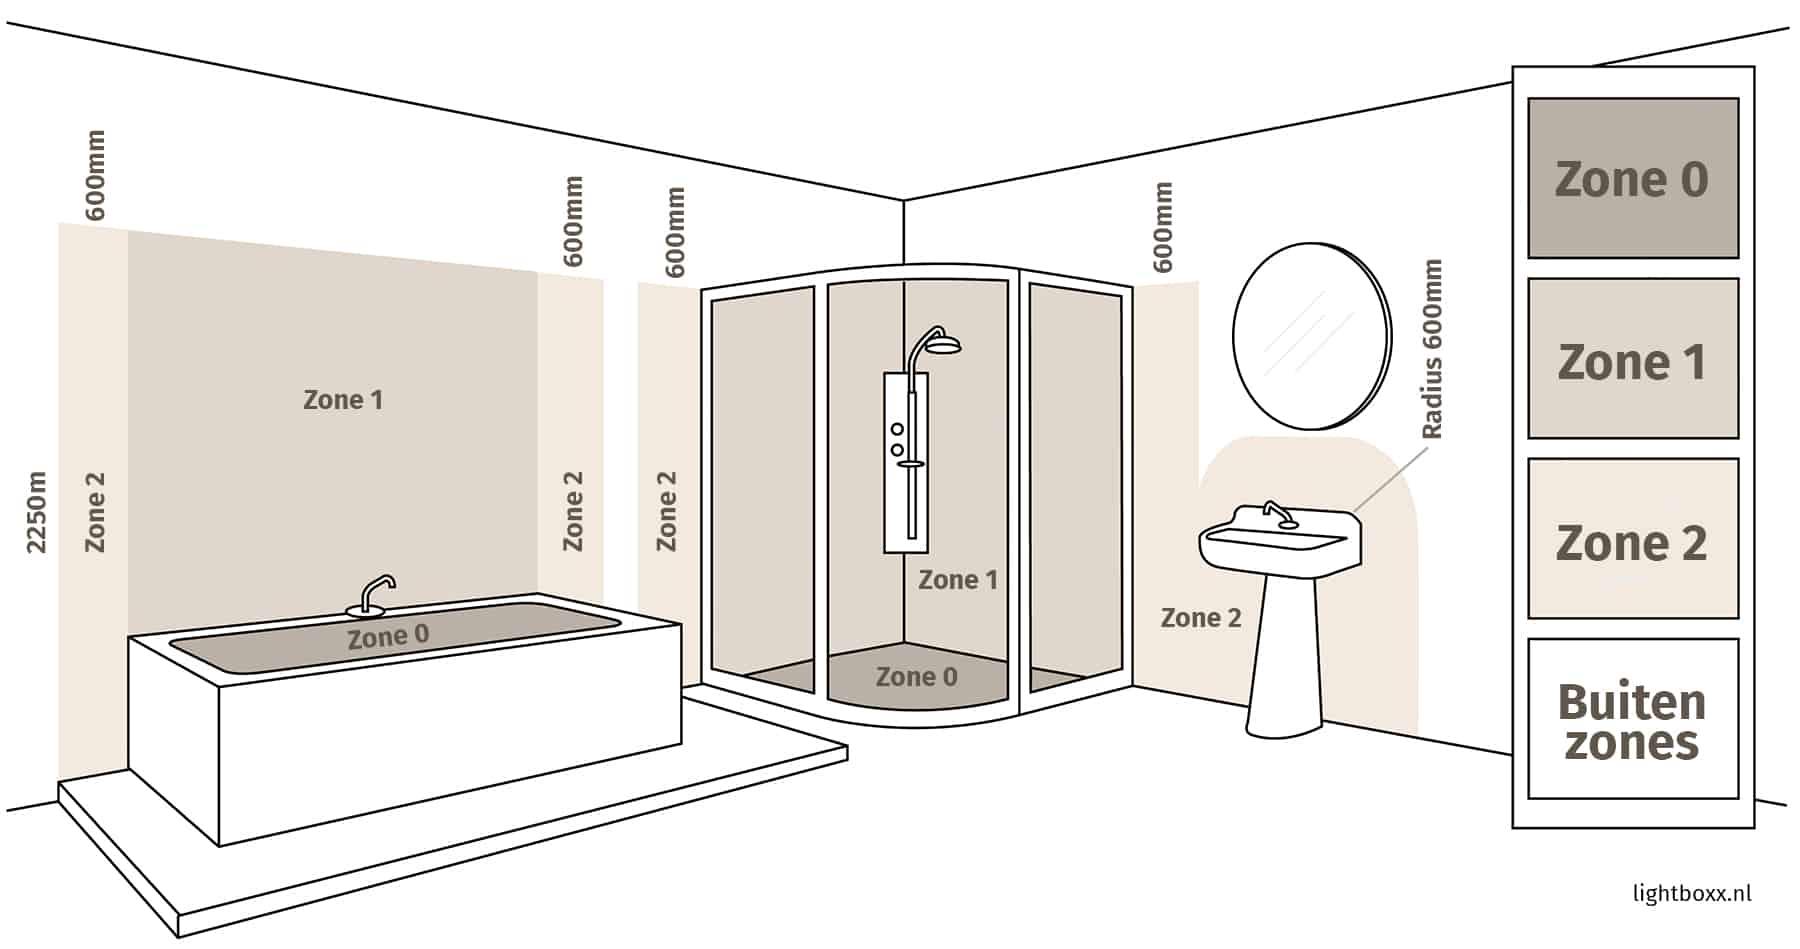 Badkamerzones Verlichting - Waar Moet Je Op Letten Bij Plaatsen Badkamerverlichting